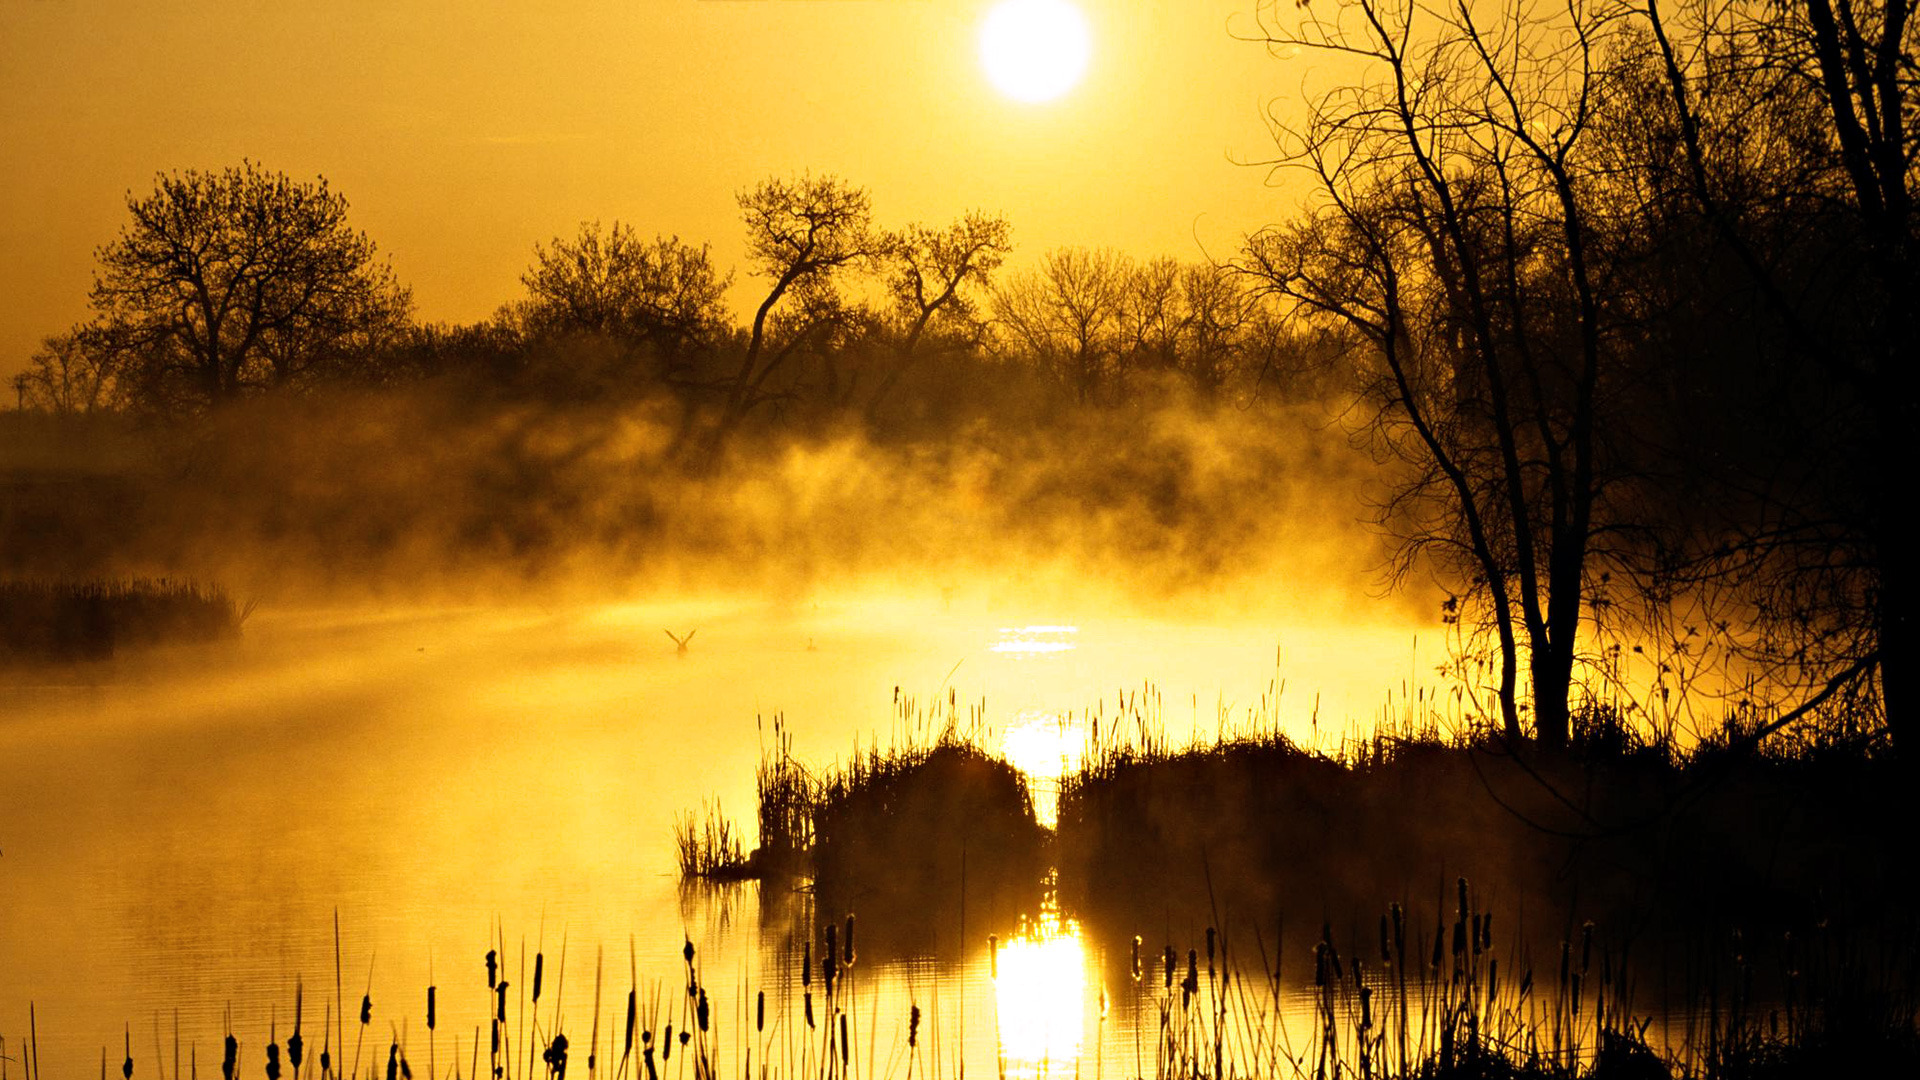 sunset yellow 25599